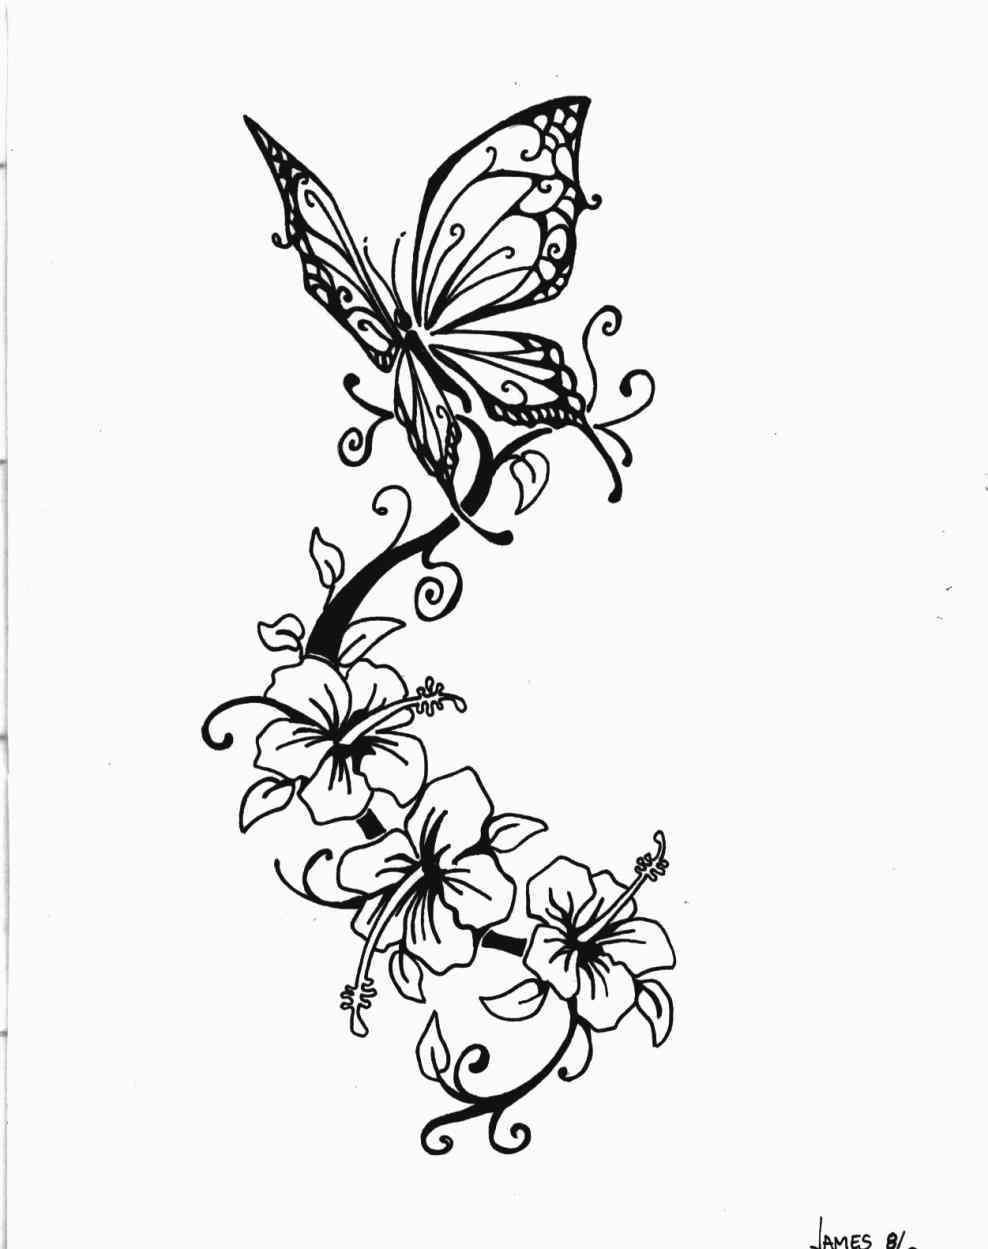 988x1249 Get Flower Sleeve Tattoo Drawings Custom Designs Made Online Ctd